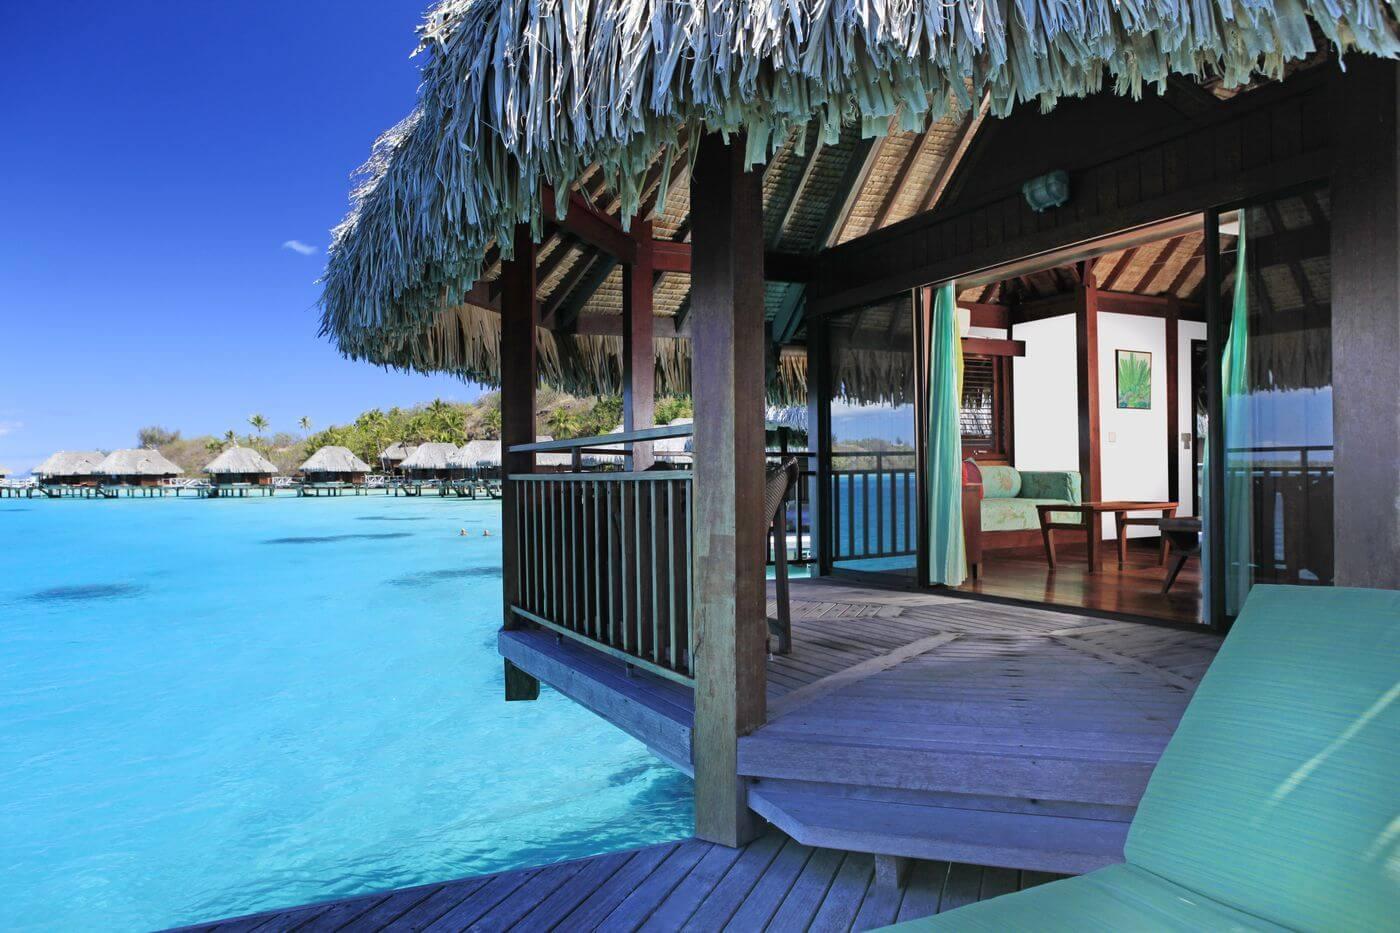 sofitel private island resort in bora bora